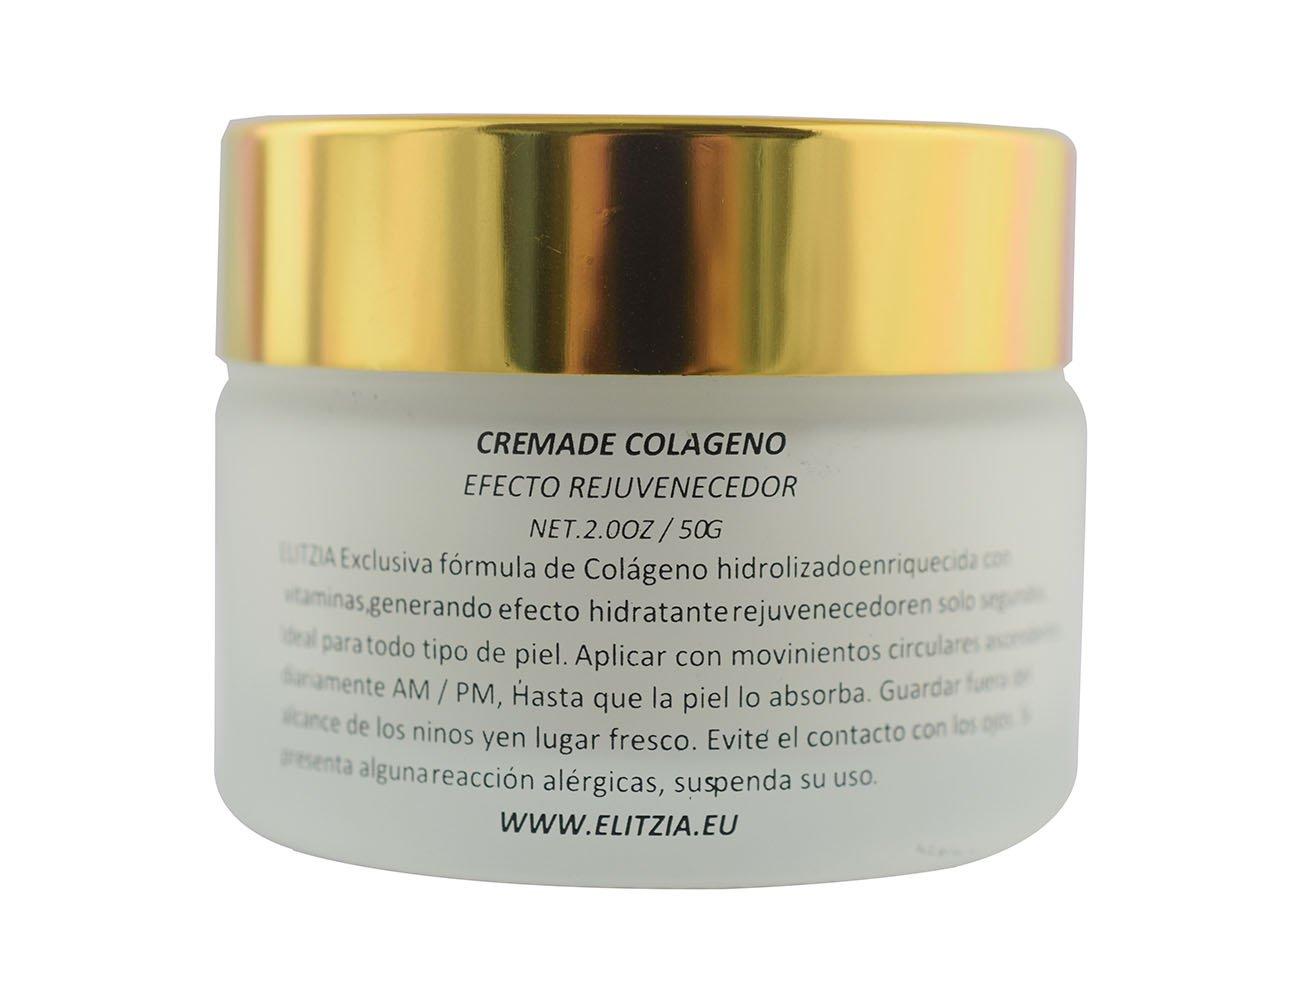 Elitzia ETCC001 crema de colágeno anti-arrugas hidratante piel suavizar la naturaleza: Amazon.es: Belleza